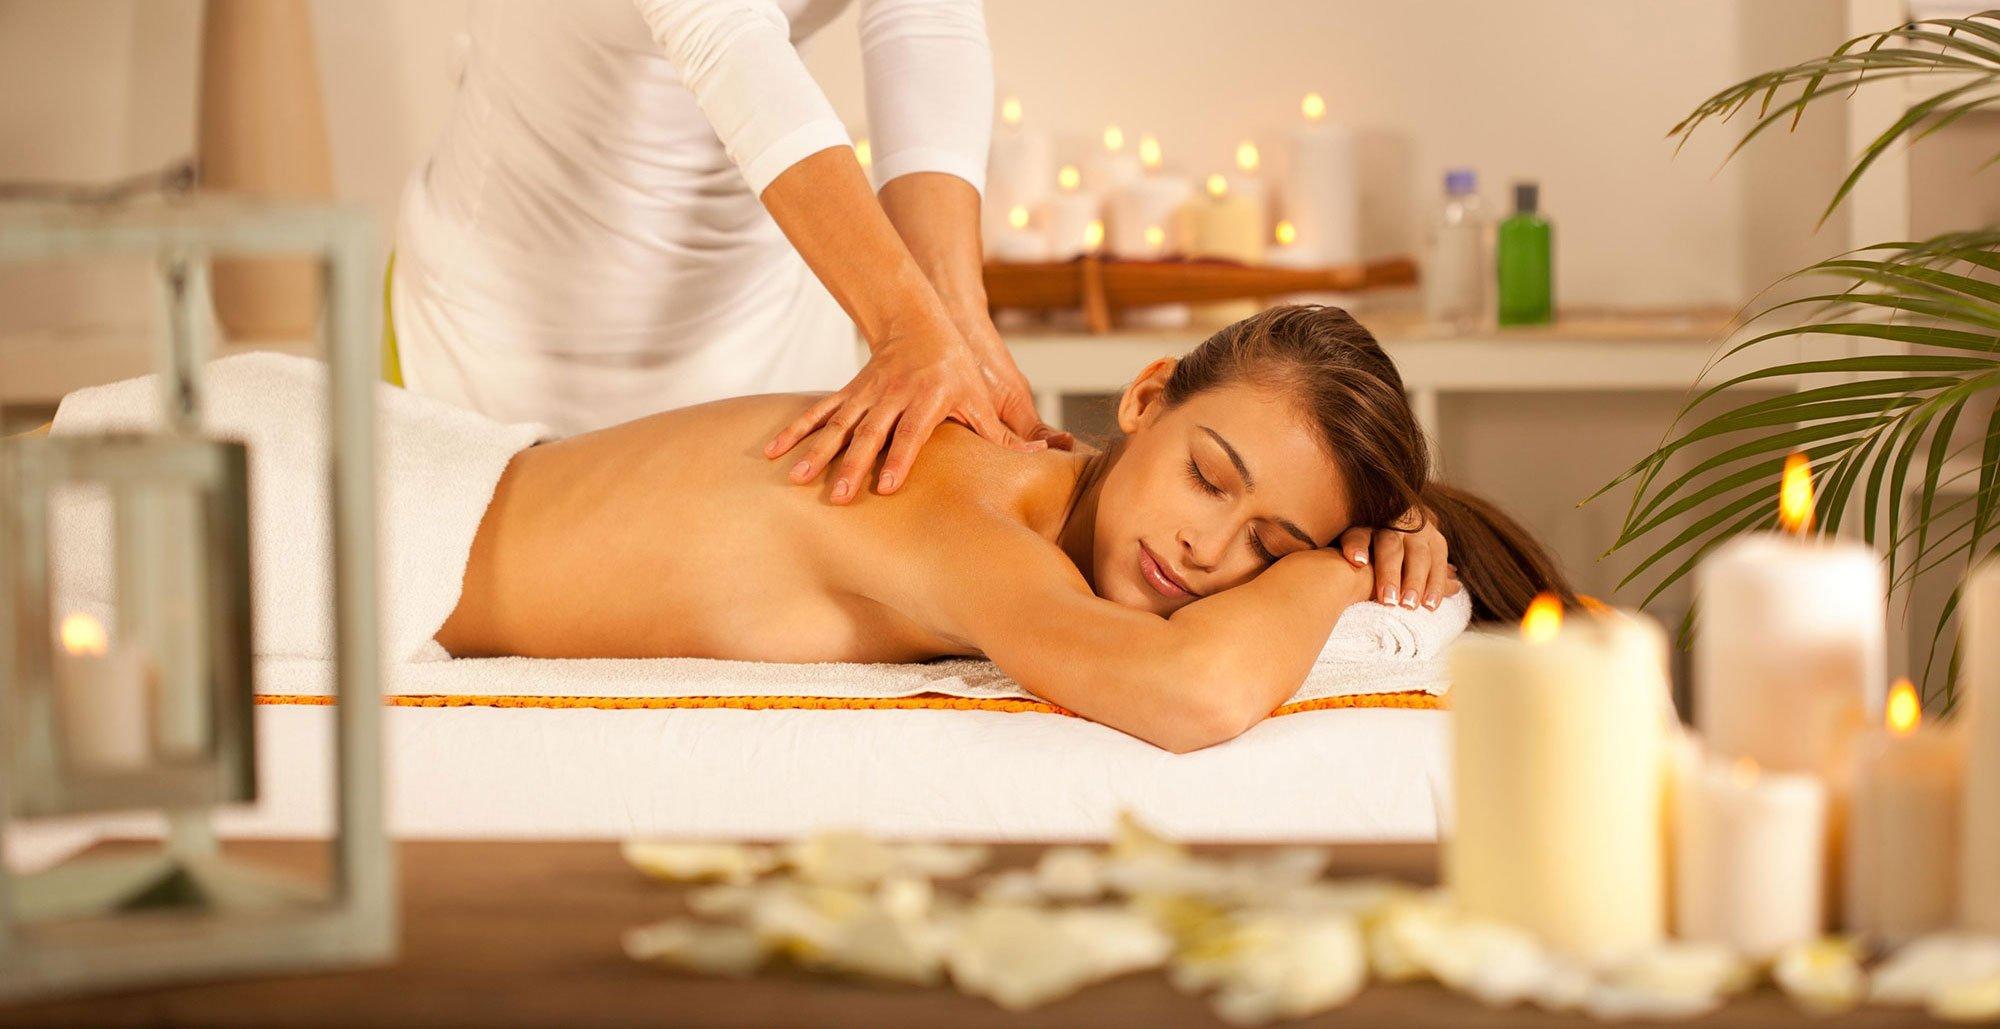 Massage in Fayetteville, AR